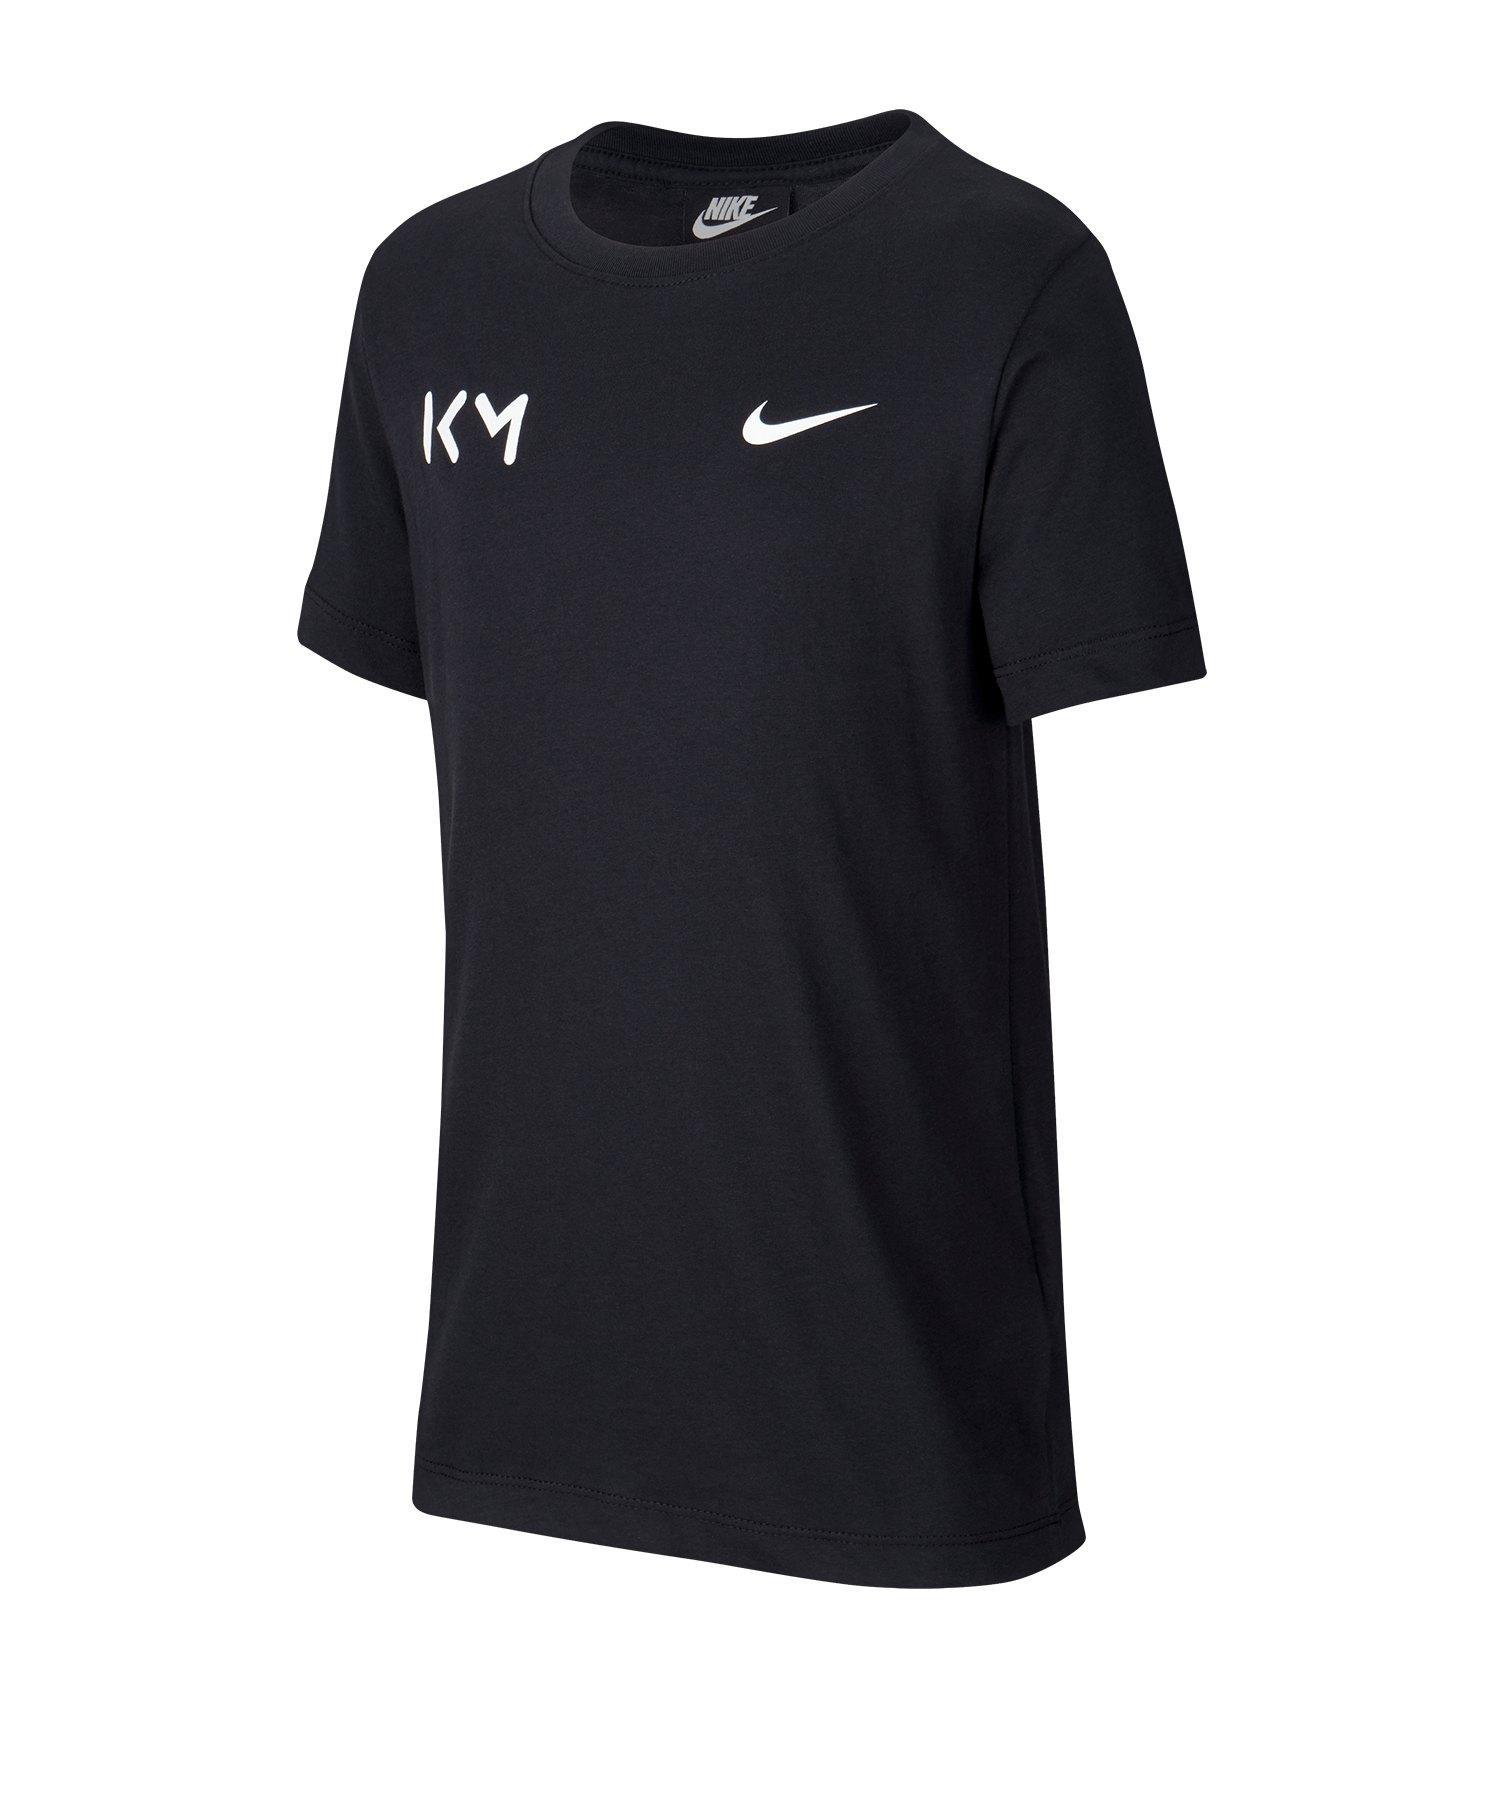 Nike Tee Shirt kurzarm Kids Schwarz F010 - schwarz